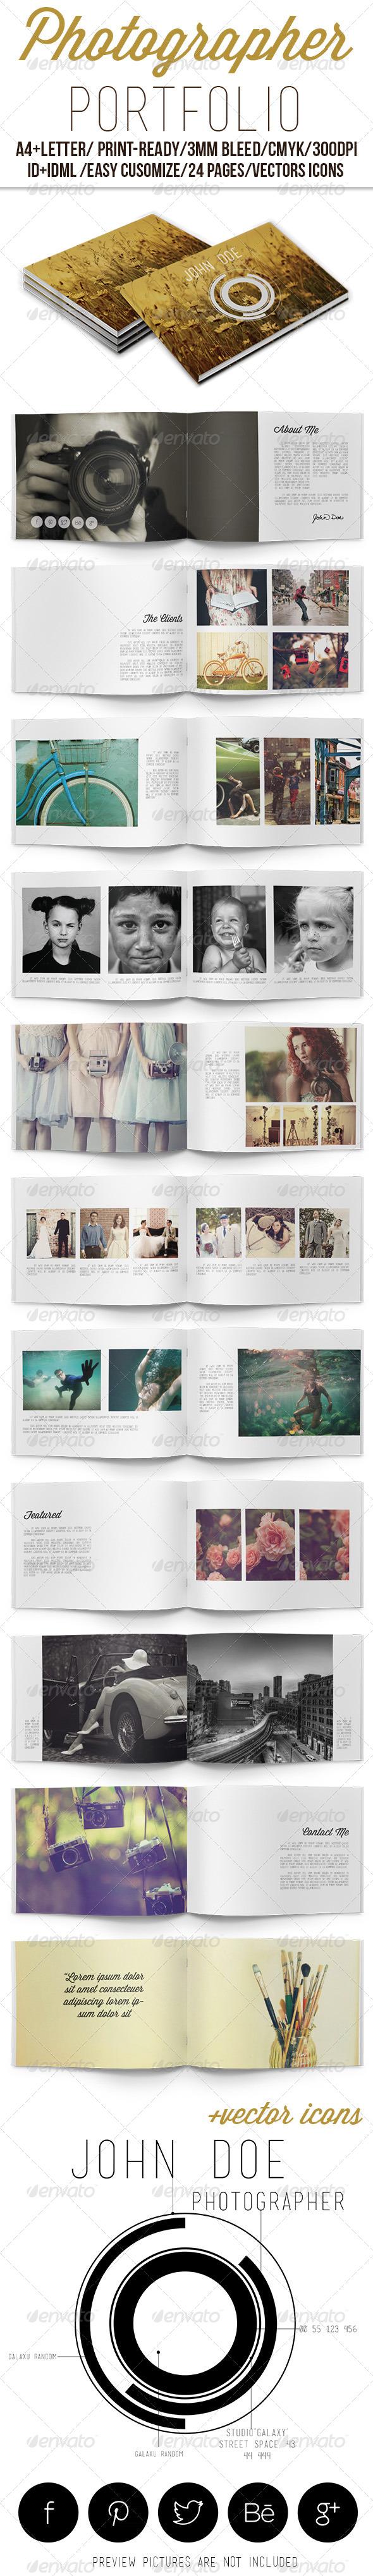 GraphicRiver Photographer Portfolio 6422077